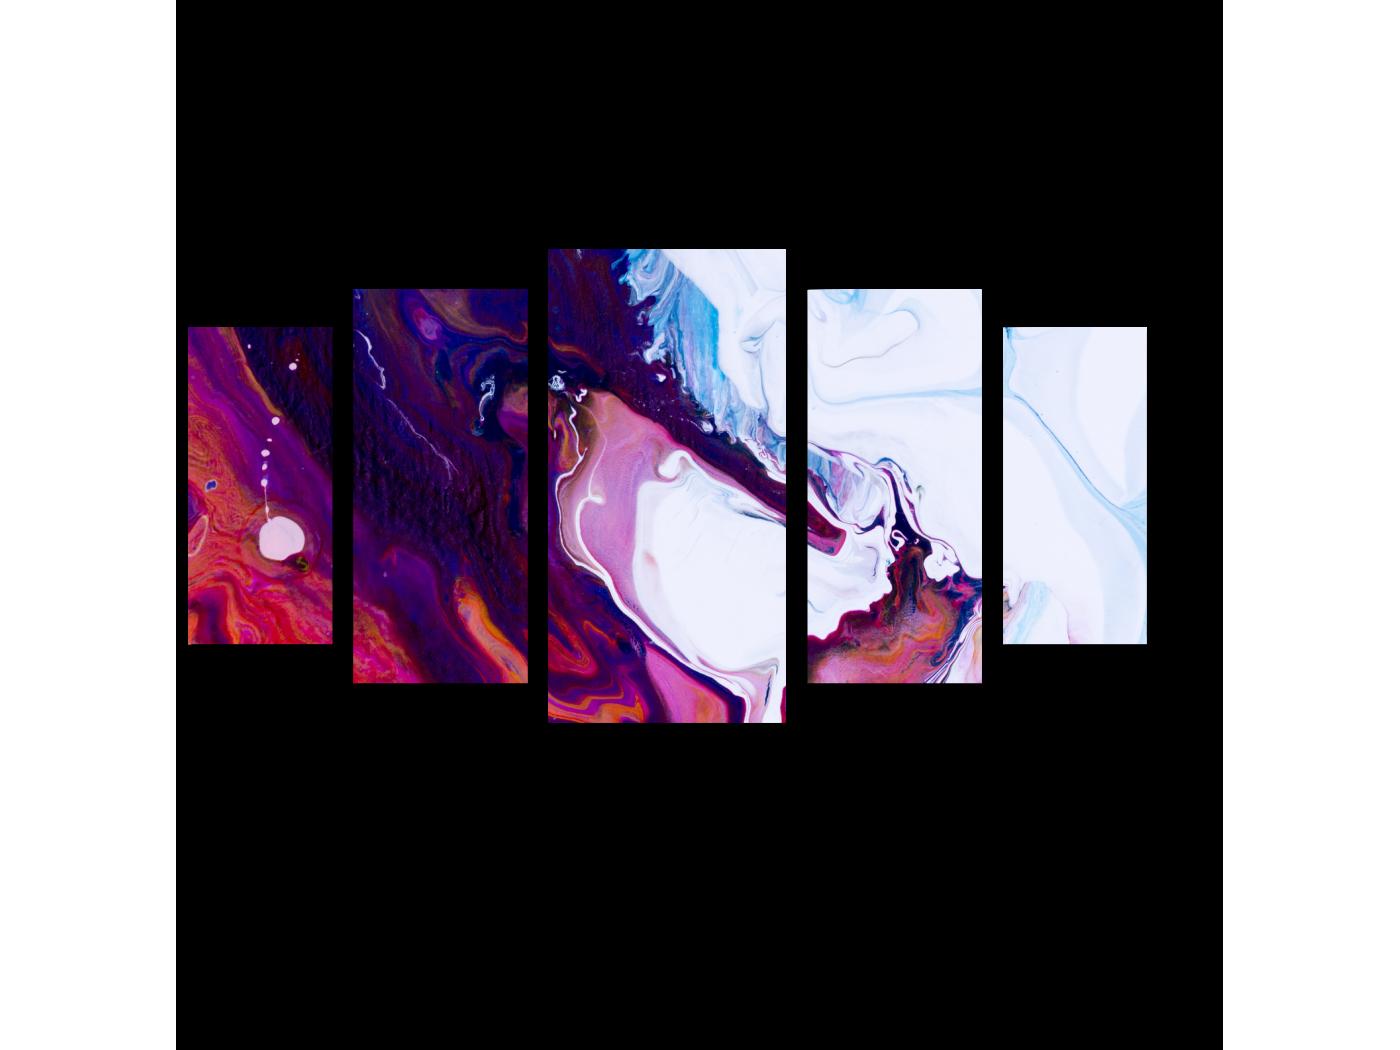 Модульная картина Фрагмент акриловой живописи (100x55) фото